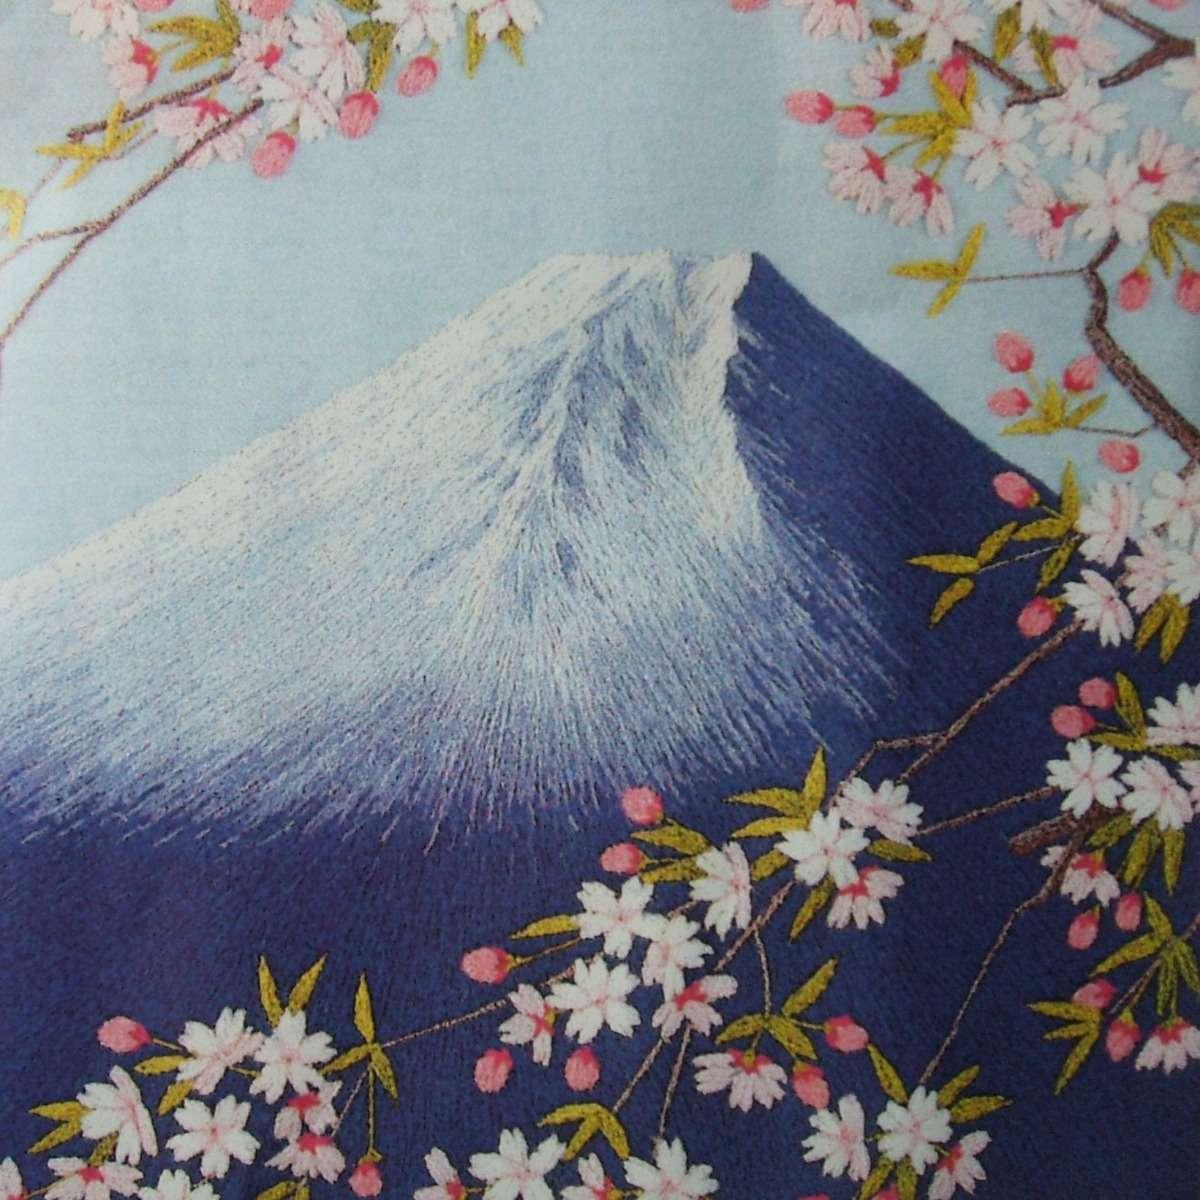 Bunka Shishu